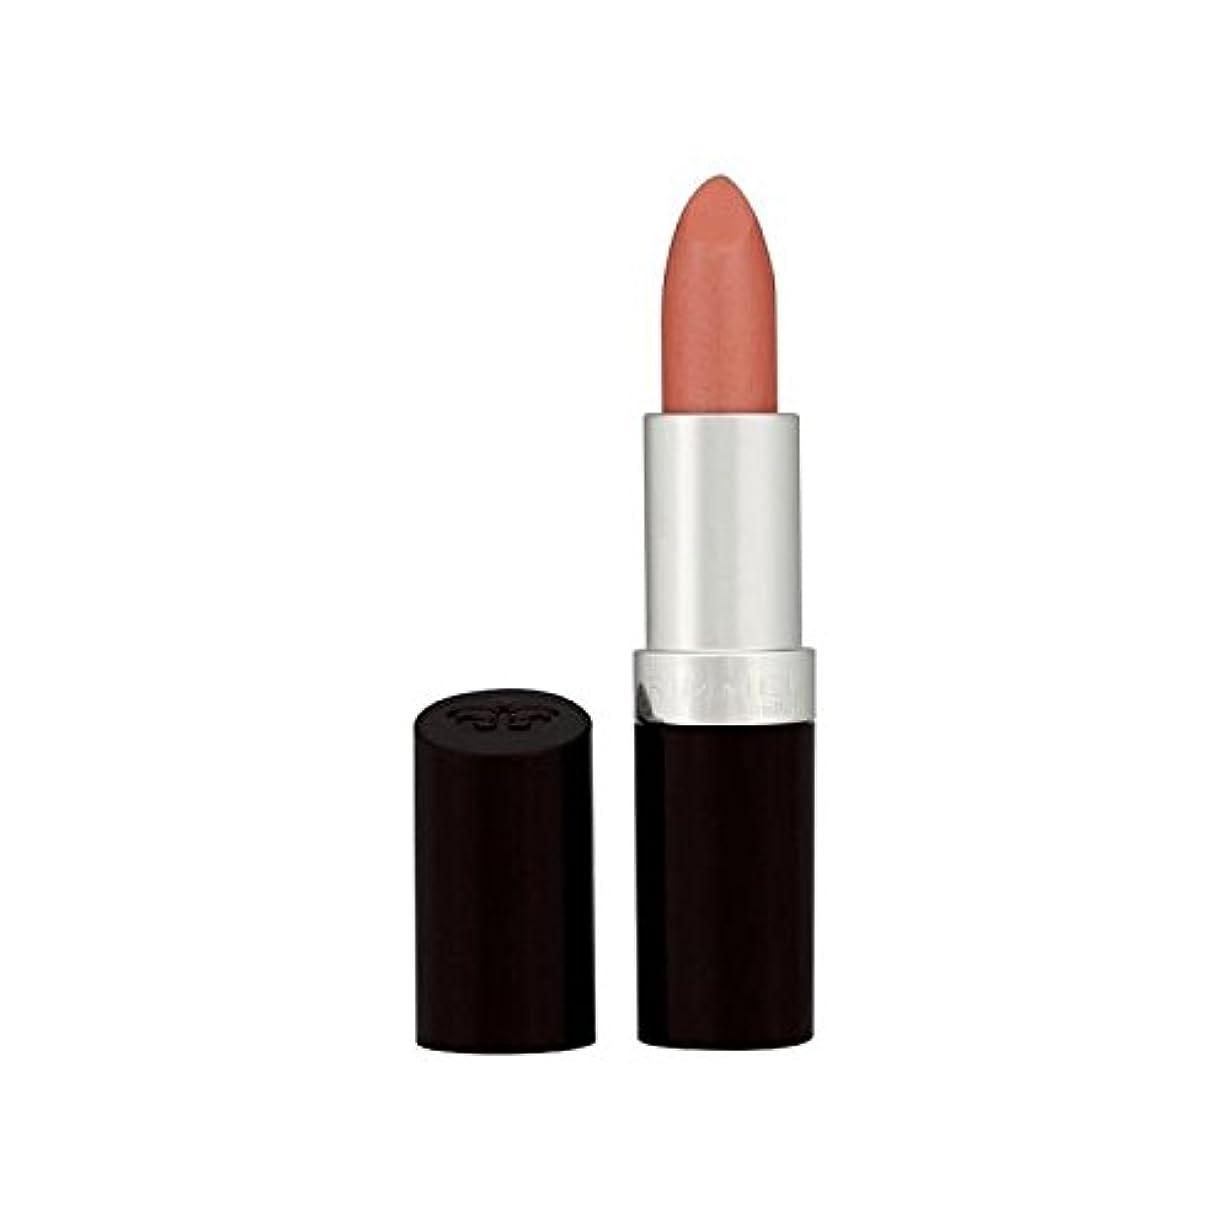 招待理論ロッカーリンメル持続的な仕上げの口紅ヌードピンク206 x2 - Rimmel Lasting Finish Lipstick Nude Pink 206 (Pack of 2) [並行輸入品]